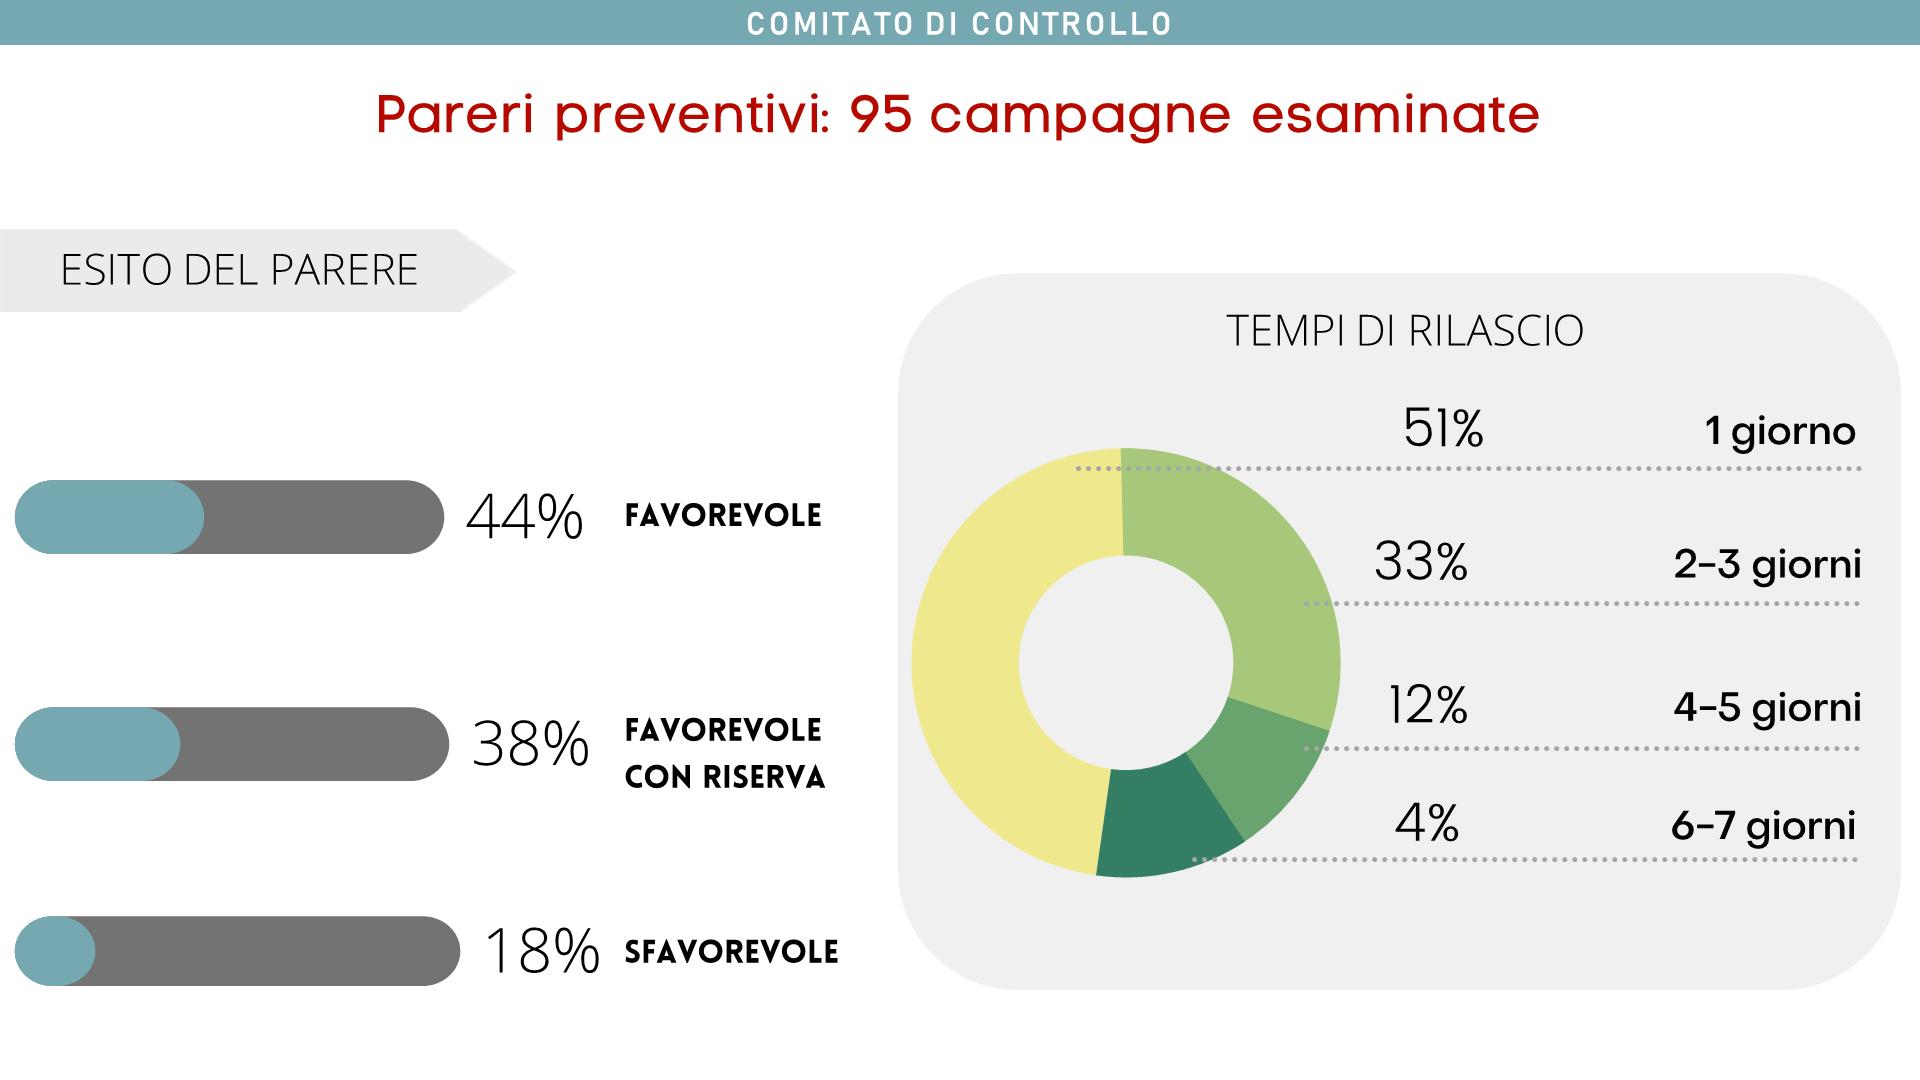 I pareri preventivi richiesti al Comitato di Controllo sono stati 95. Il 44% di questi è risultato favorevole al primo esame, il 38% dopo qualche modifica apportata. La maggior parte dei pareri è stata rilasciata in un giorno lavorativo (51%).